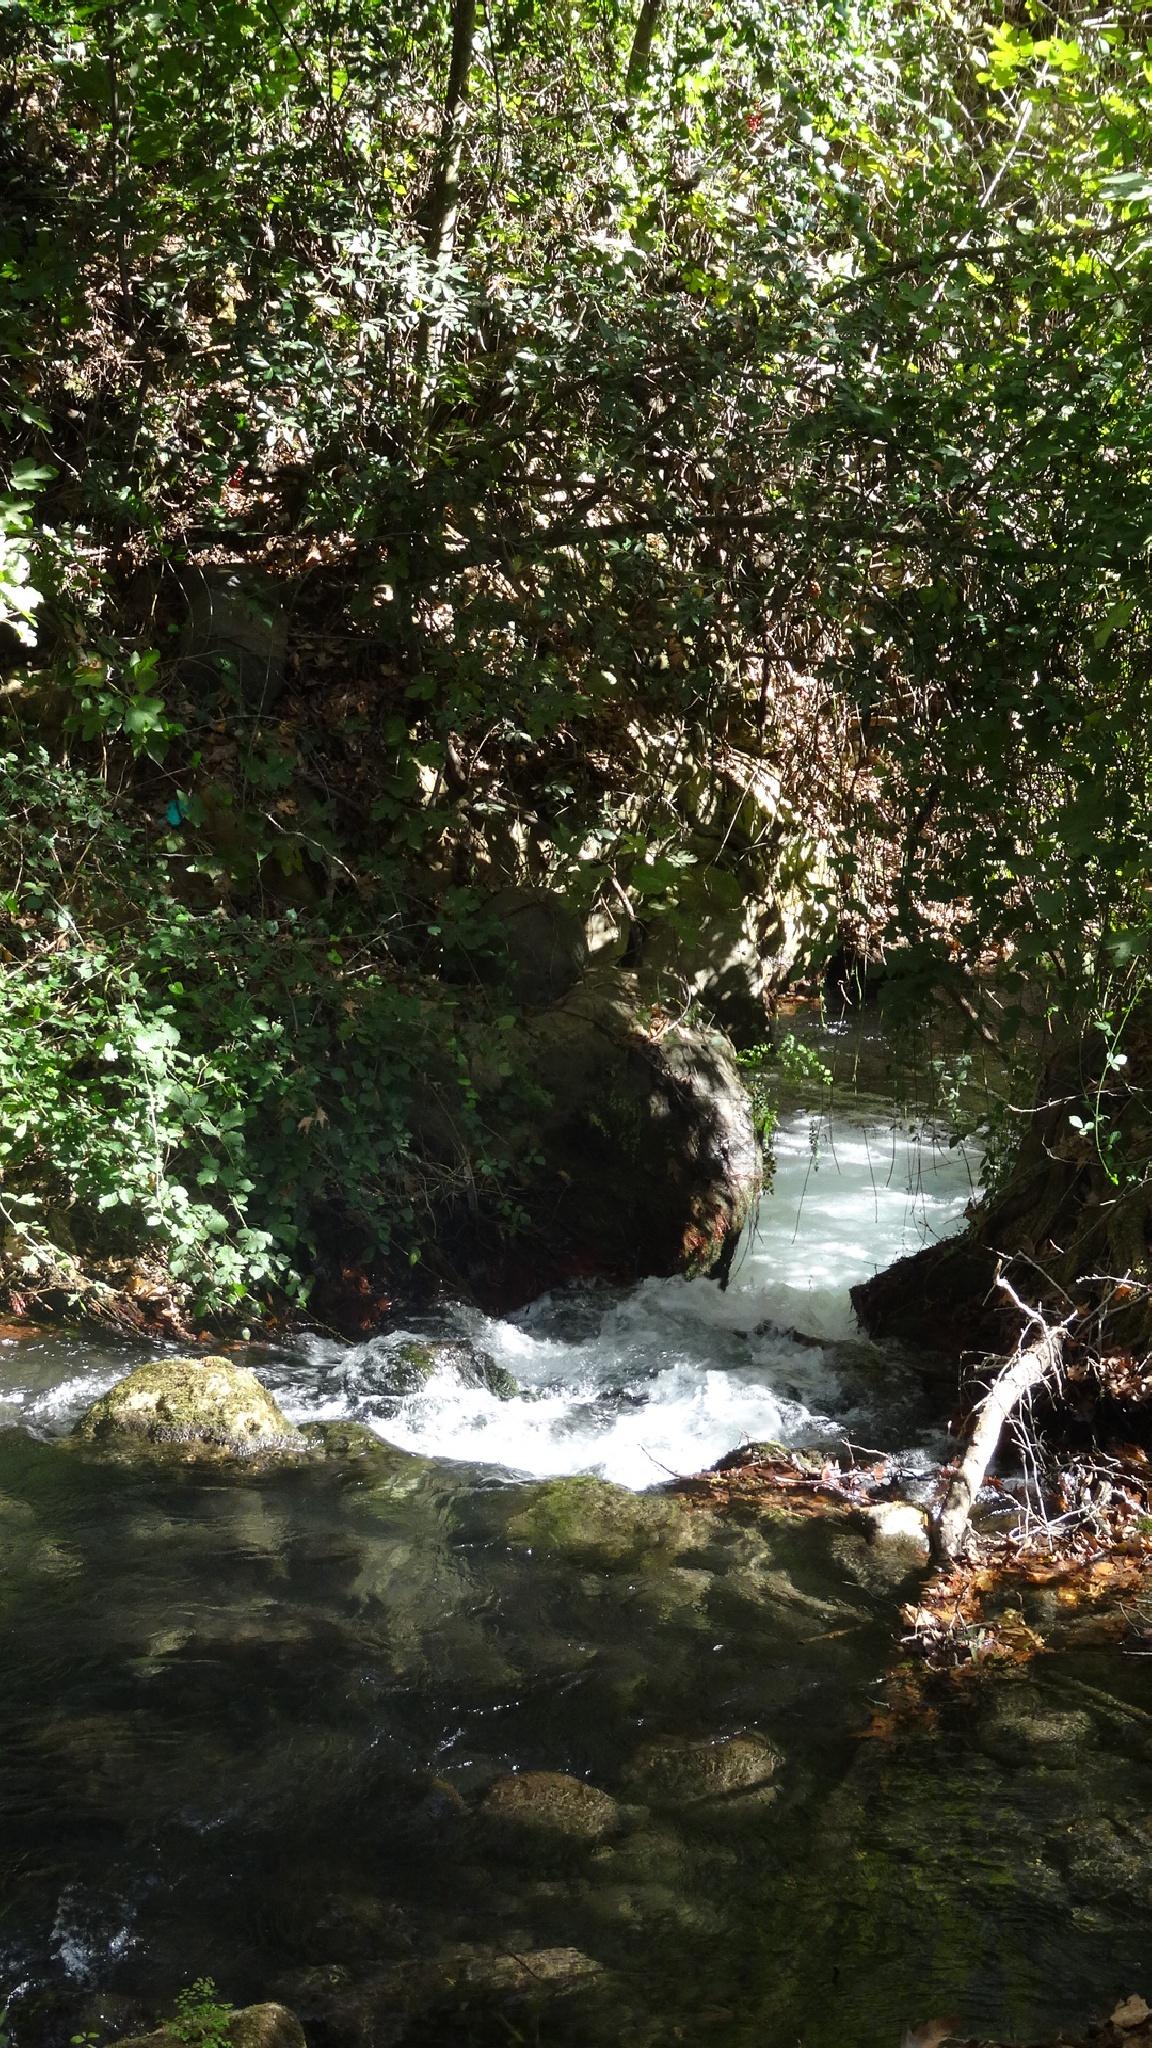 Banias springs by Francine Waterman